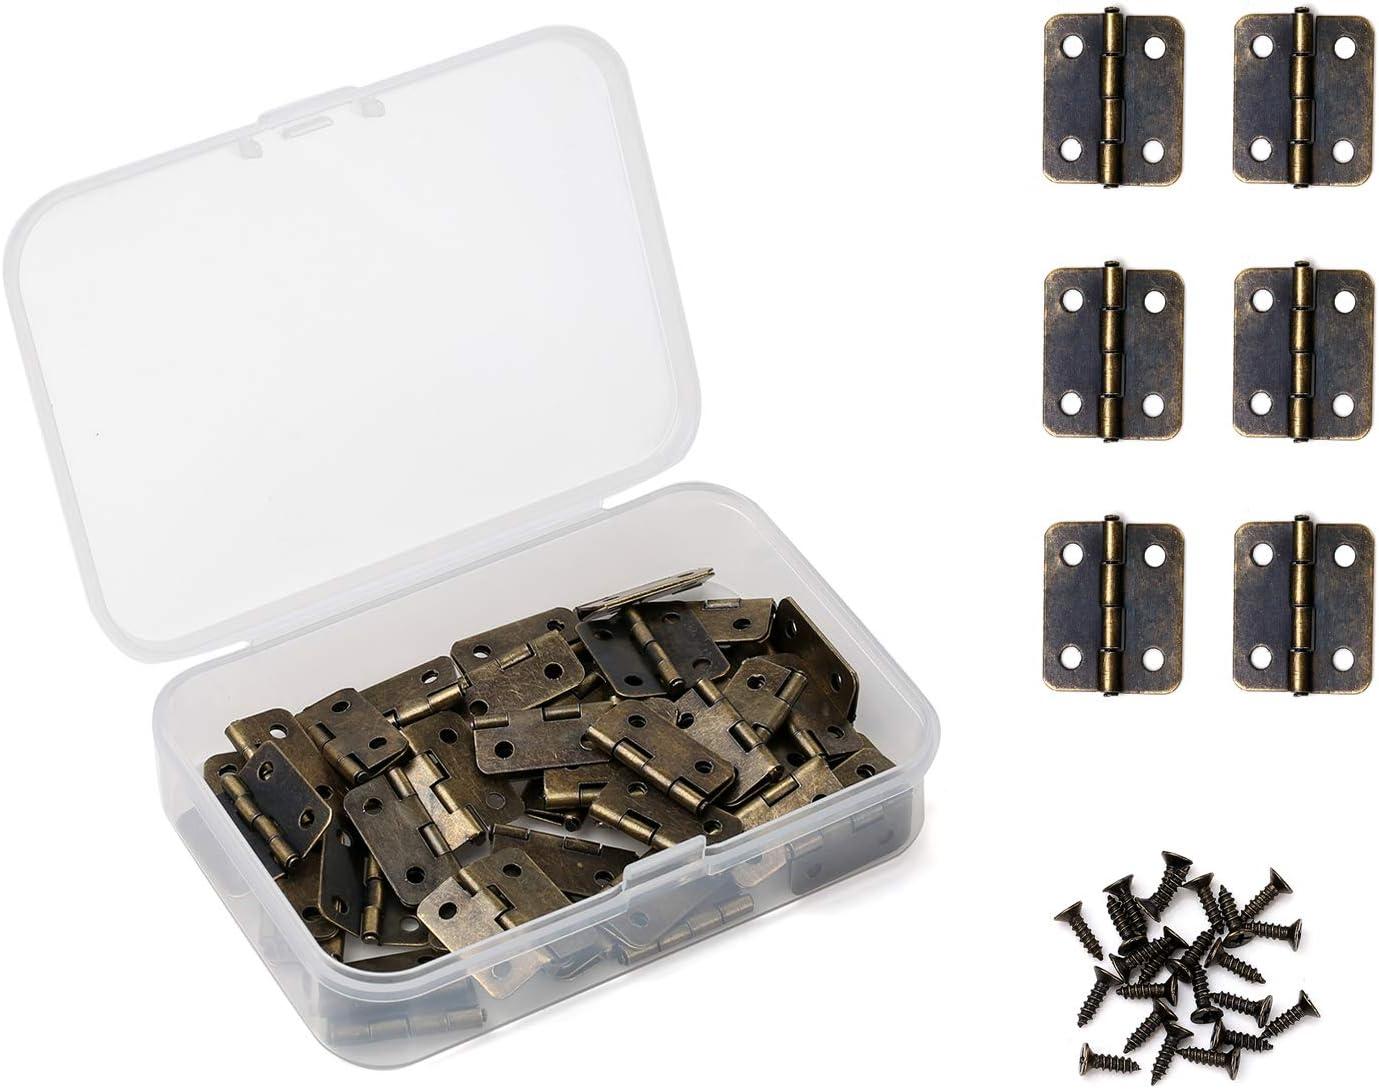 Juland 50 PCS Bronce antiguo Mini Bisagras Bisagras retro con Tornillos de repuesto para Caja de madera Cofre para joyas Gabinete de accesorios de bricolaje (18 x 16 mm)